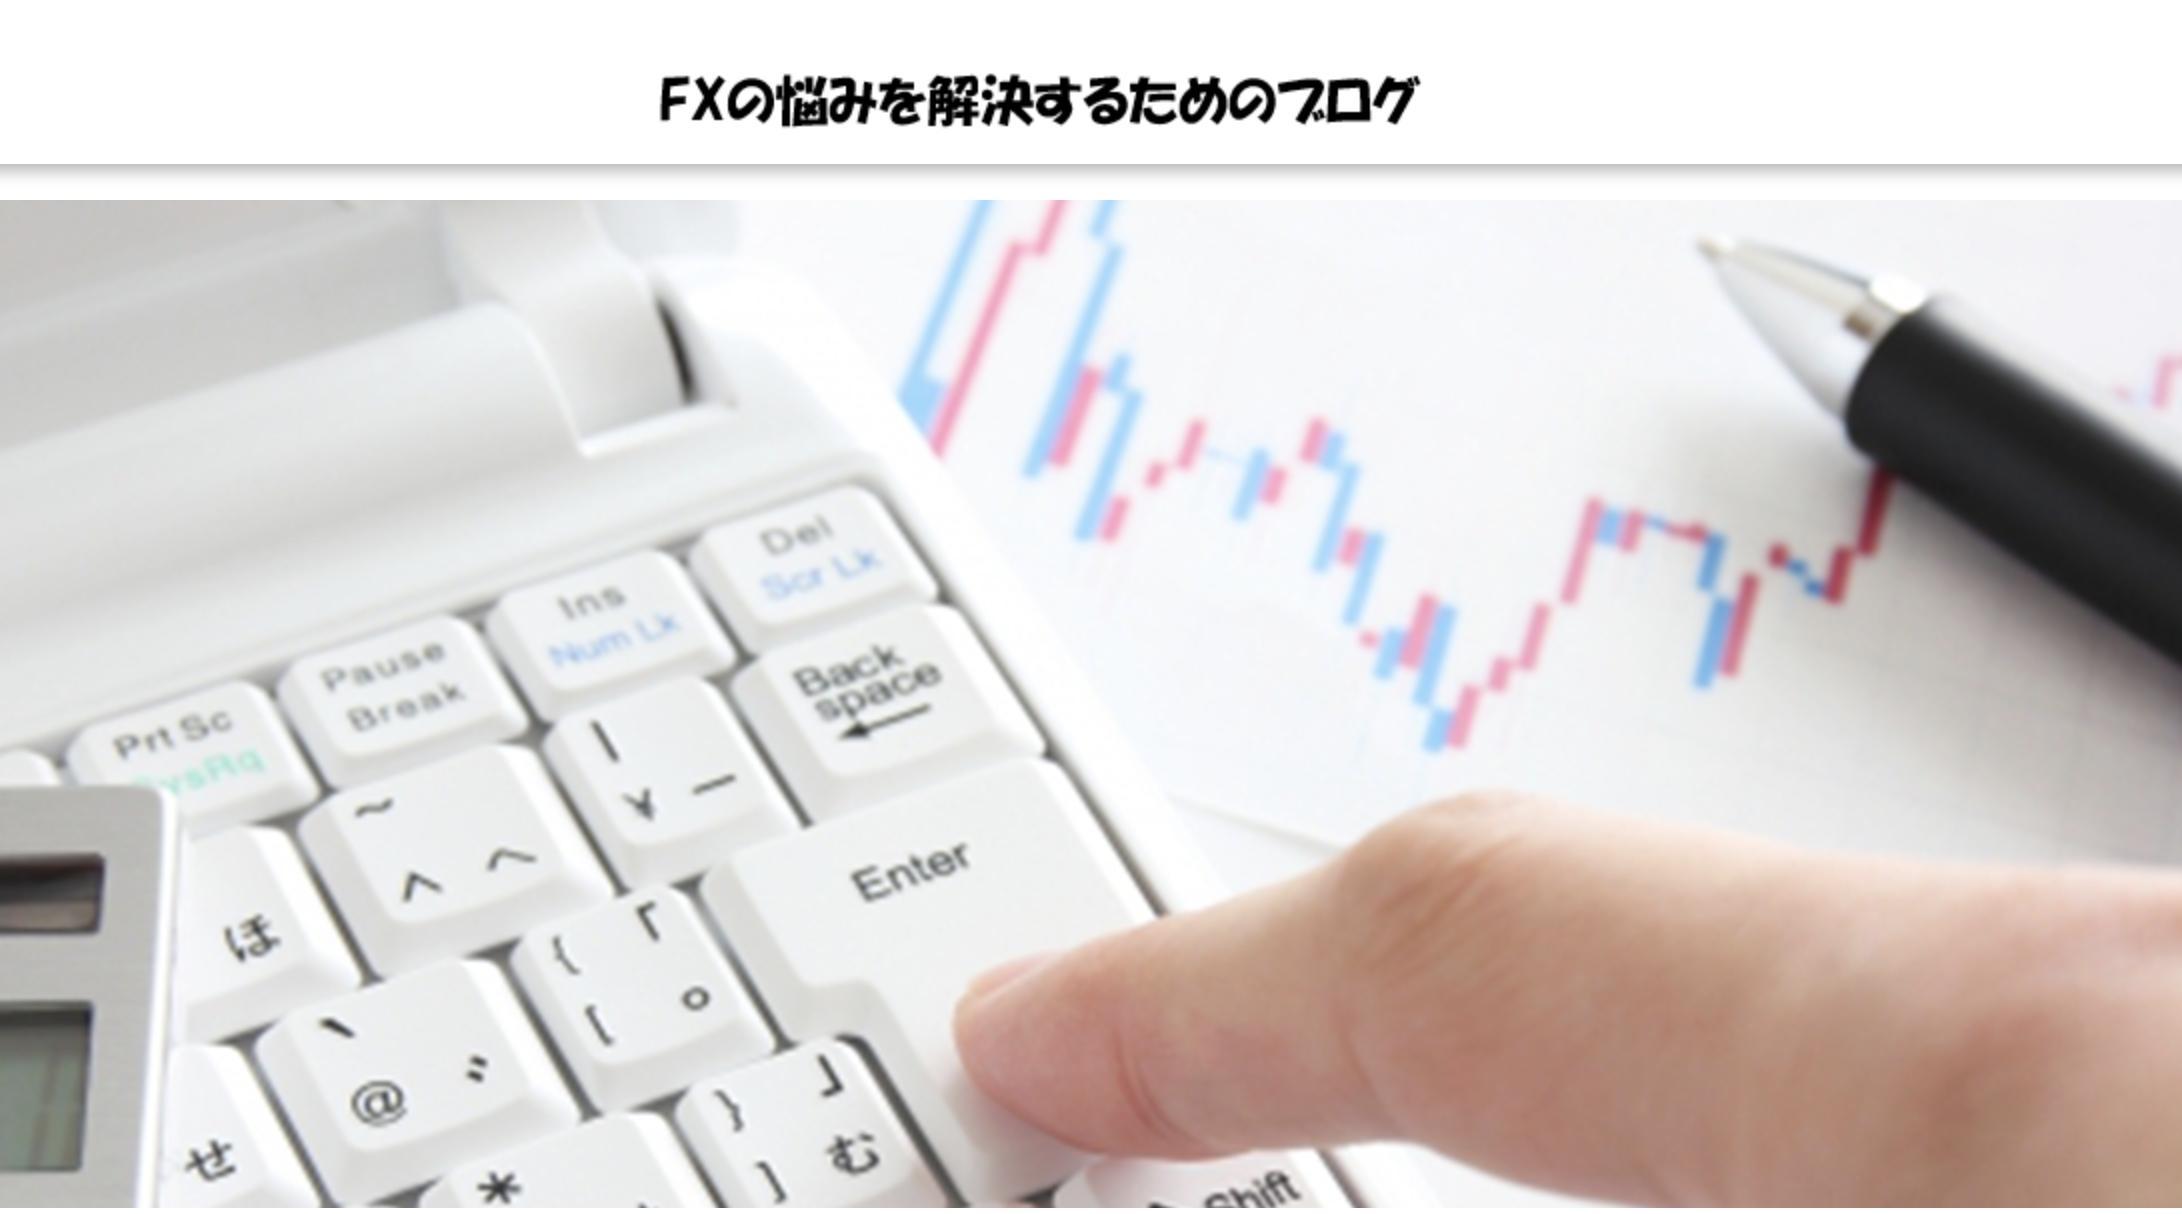 FXの悩みを解決するためのブログ